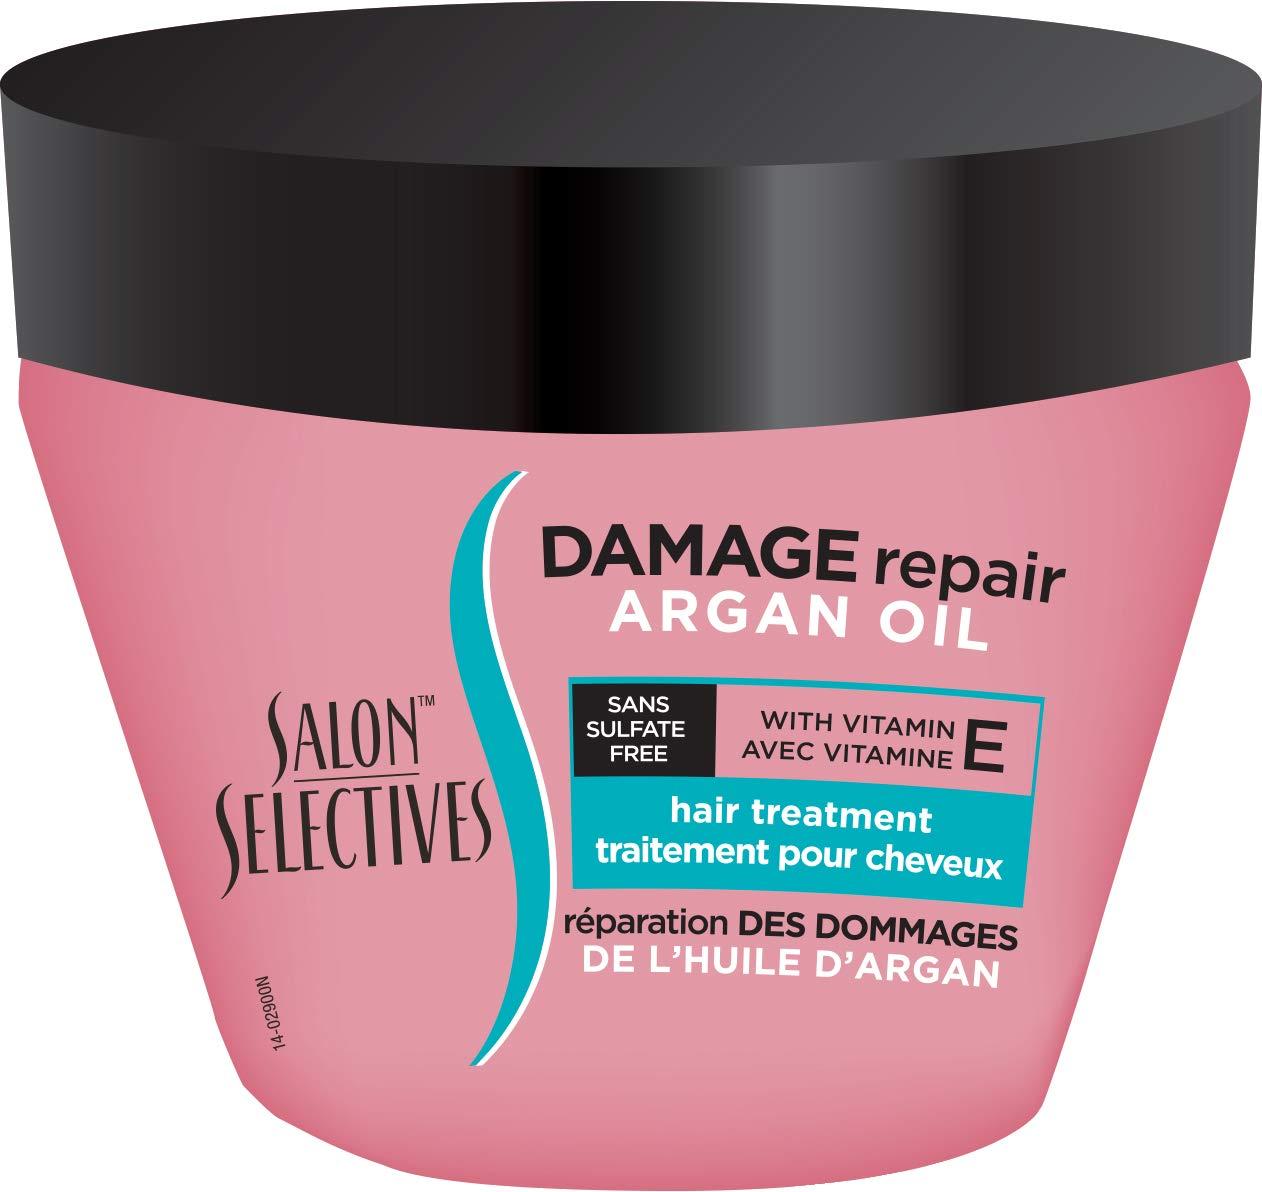 Salon Selectives Extreme Corrective Hair Treatment Argan Oil & Vitamin E 5 Fluid Ounce